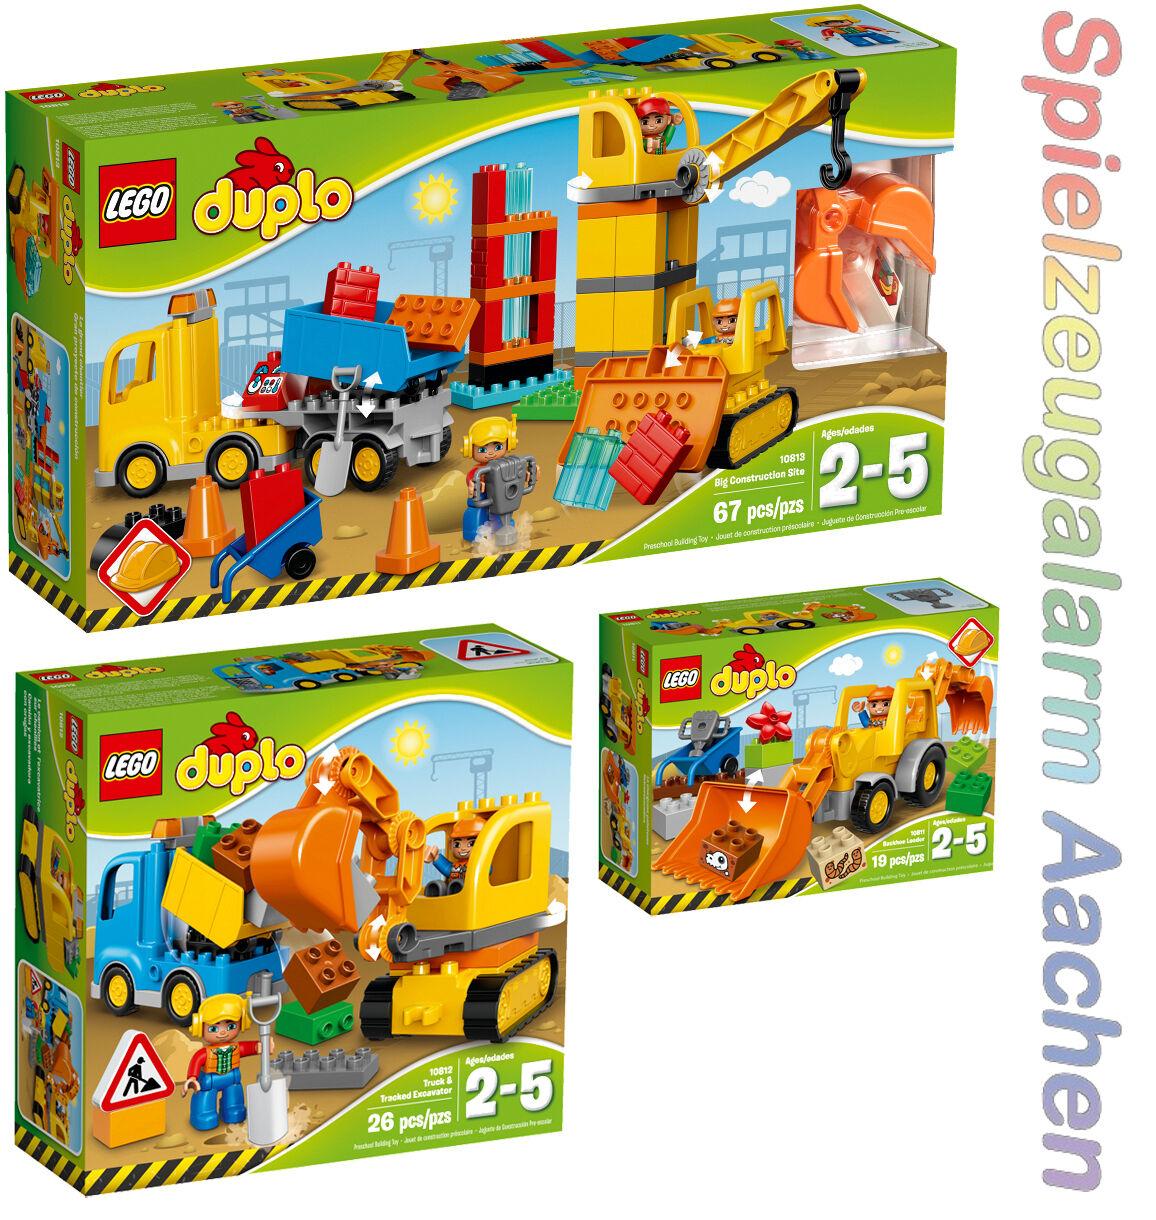 LEGO DUPLO SET 10811 10812 10813 Baggerlader Bagger Lastwagen Baustelle N9 16  | Um Sowohl Die Qualität Der Zähigkeit Und Härte